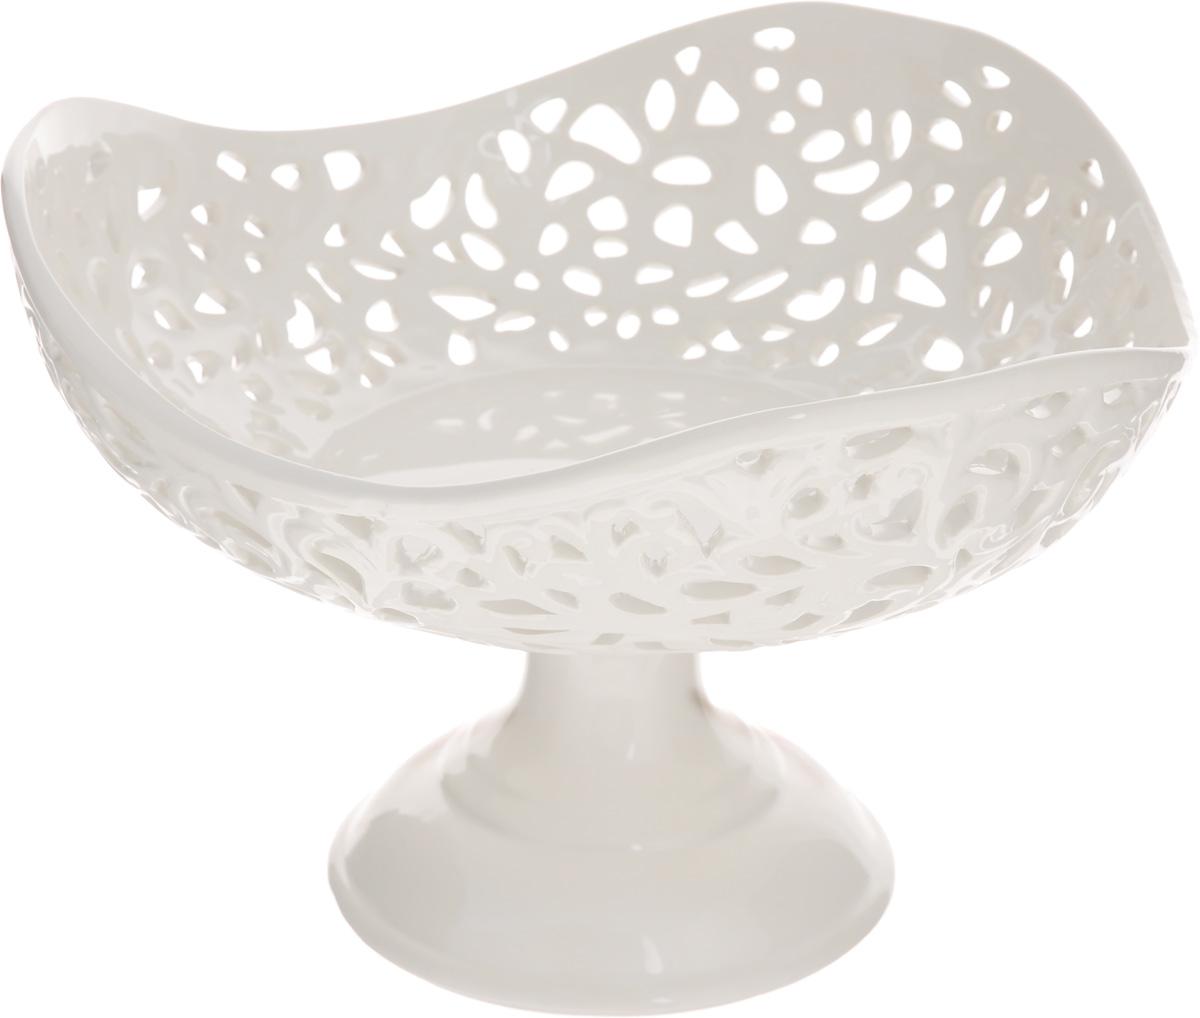 Конфетница Mayer & Boch Ажур, 23 х 23 х 15,5 см23817Конфетница Mayer & Boch Ажур, изготовленная из высококачественного доломита, украшена оригинальным ажурным узором. Стильная форма и интересное исполнение идеально впишутся в любой стиль, а универсальный белый цвет подойдет к любой мебели. Такая конфетница принесет новизну в вашу кухню и приятно порадует глаз.